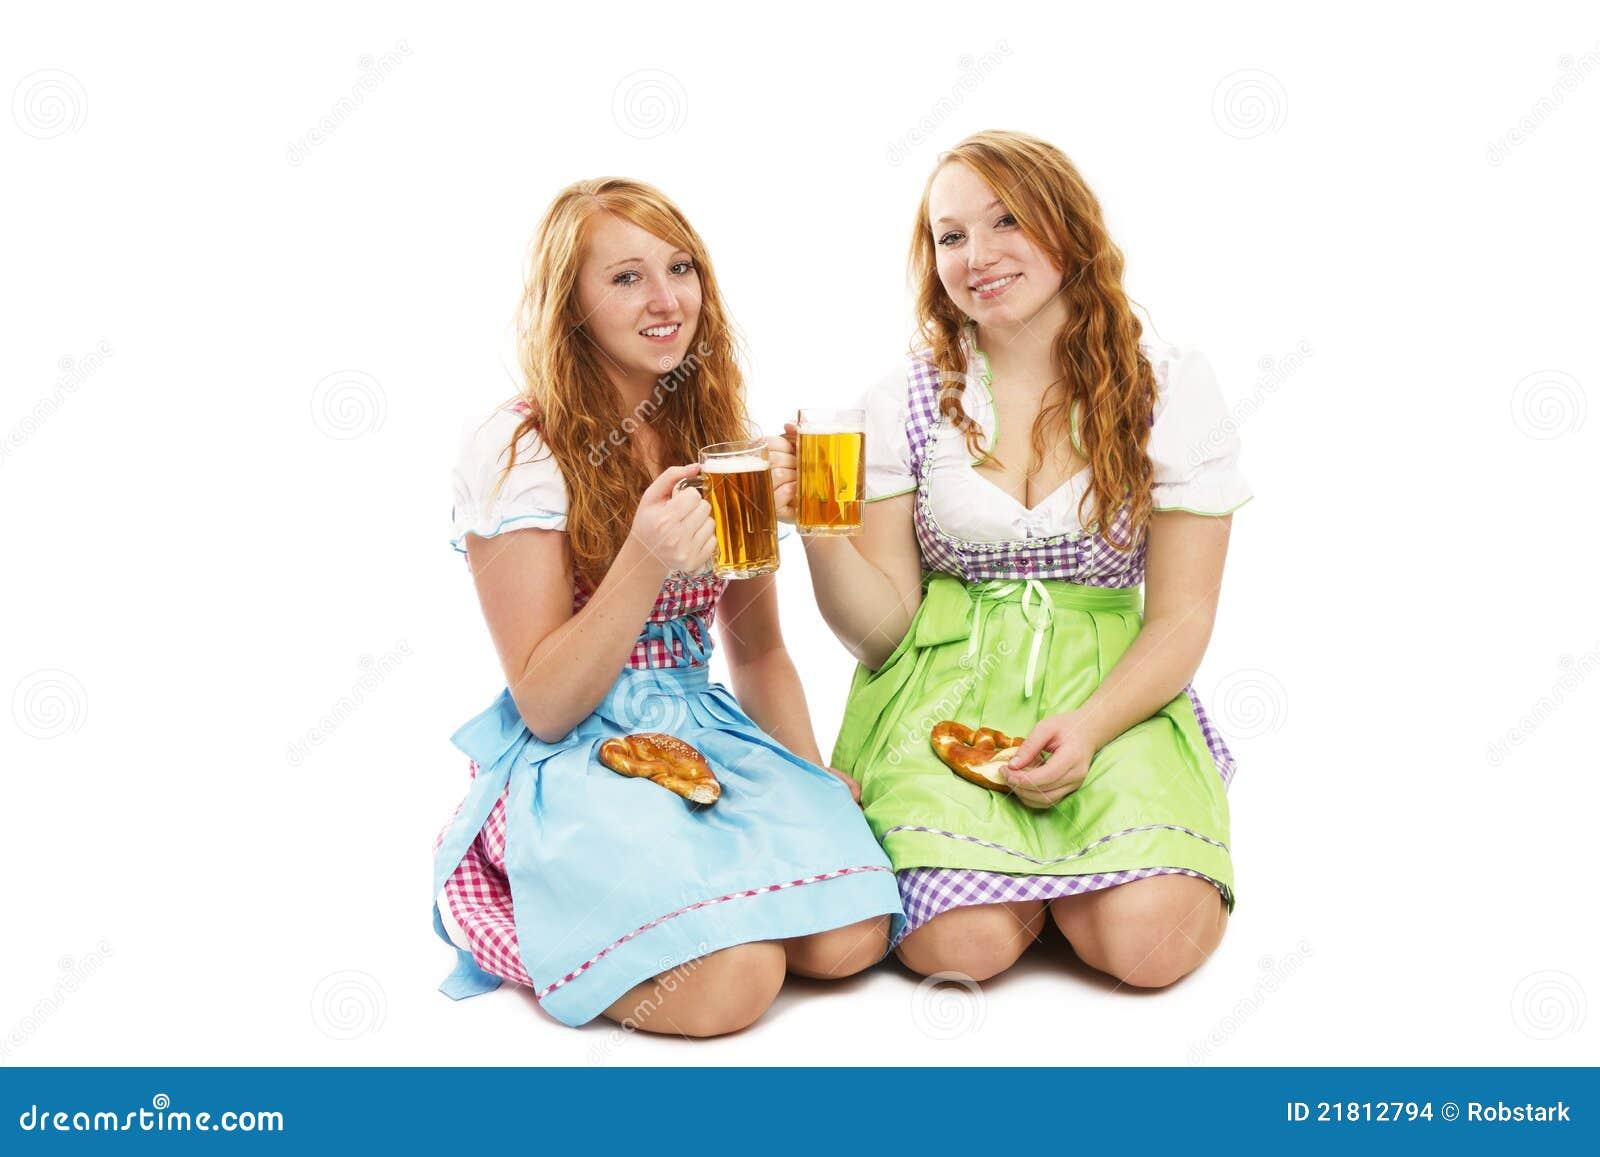 Zwei bayerische mädchen mit brezeln und bier kniend auf fußboden auf